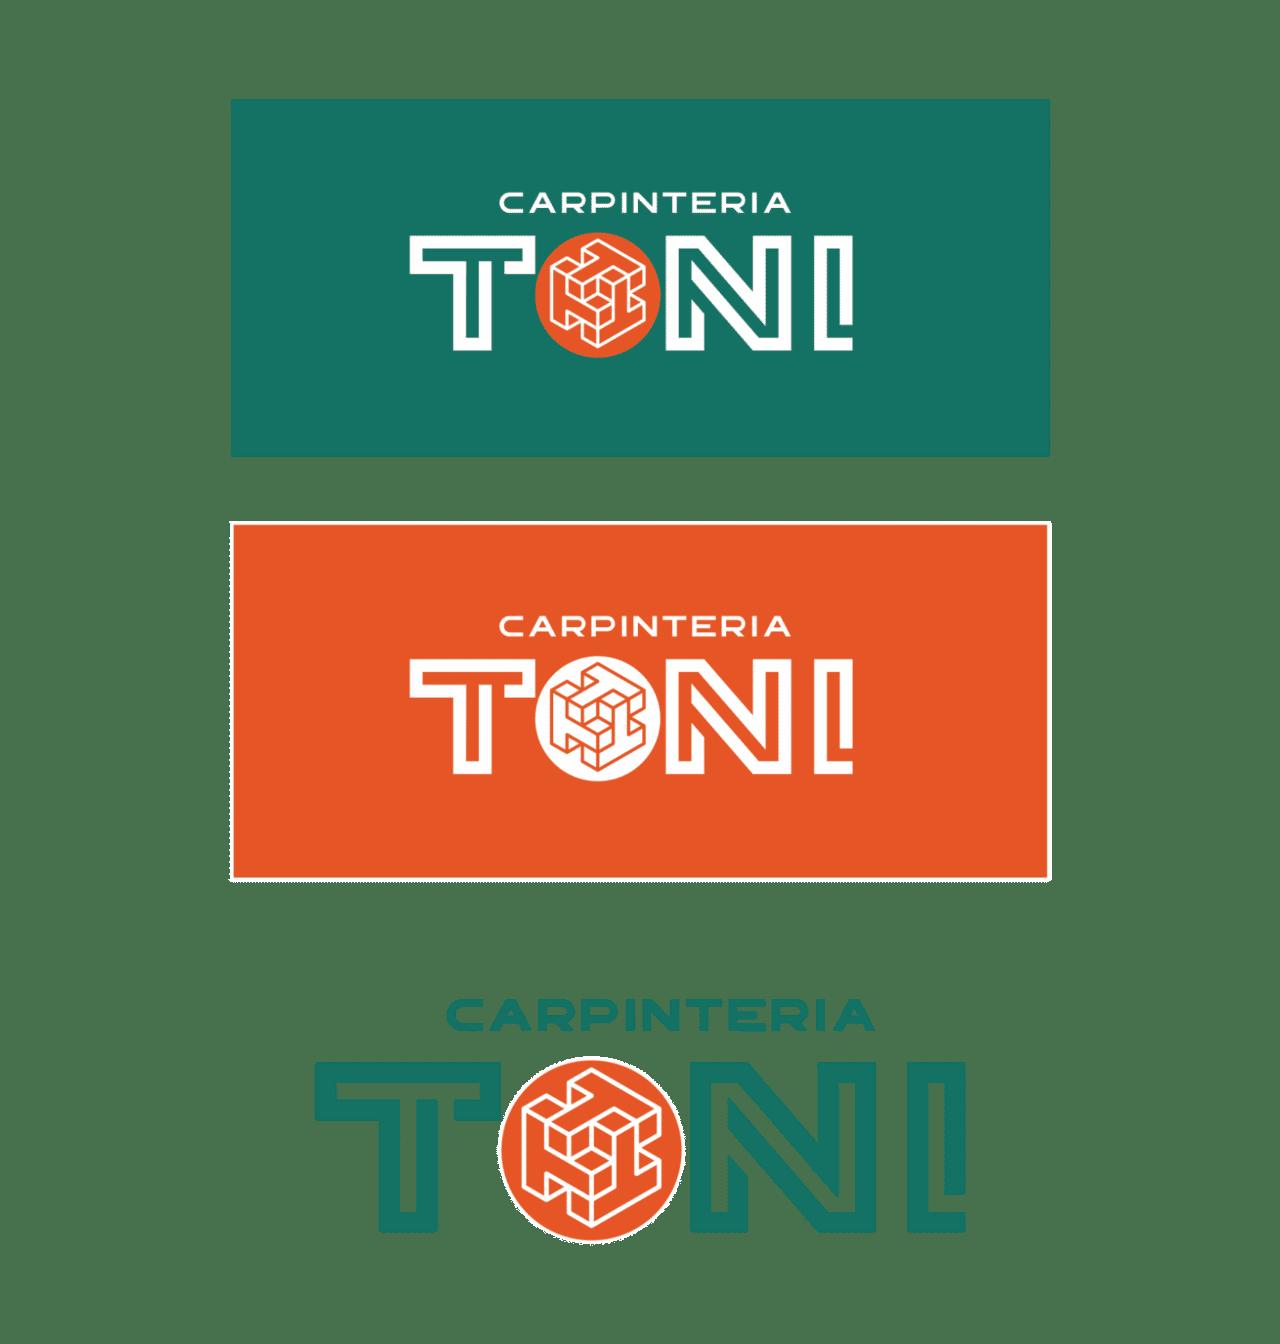 Diseño Identidad Corporativa Carpintería Toni - Agencia de Marketing logo